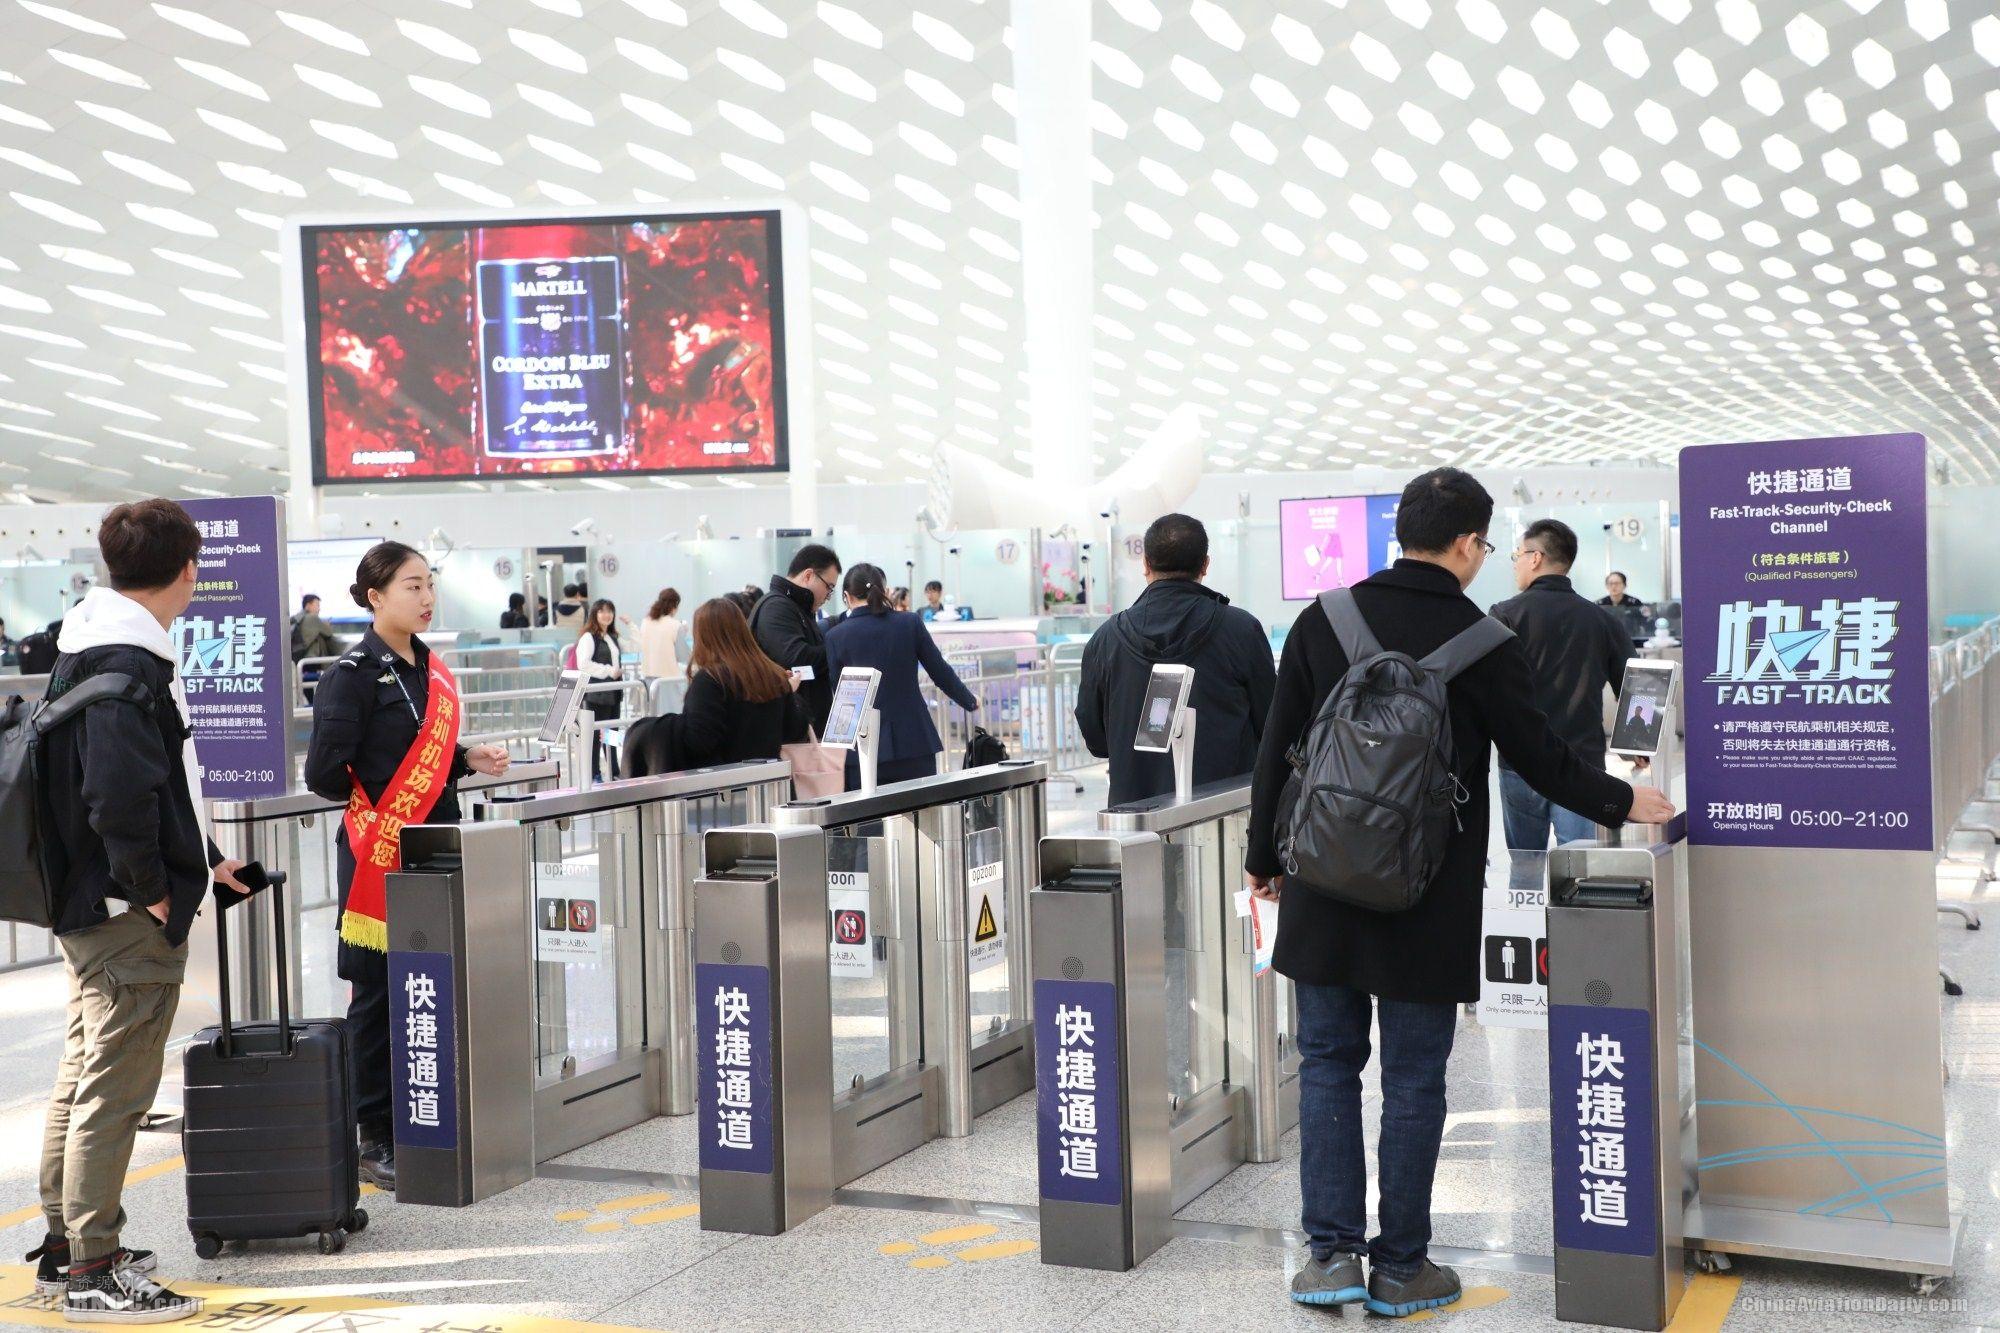 深圳机场春运首日,旅客手持二维码轻松登机